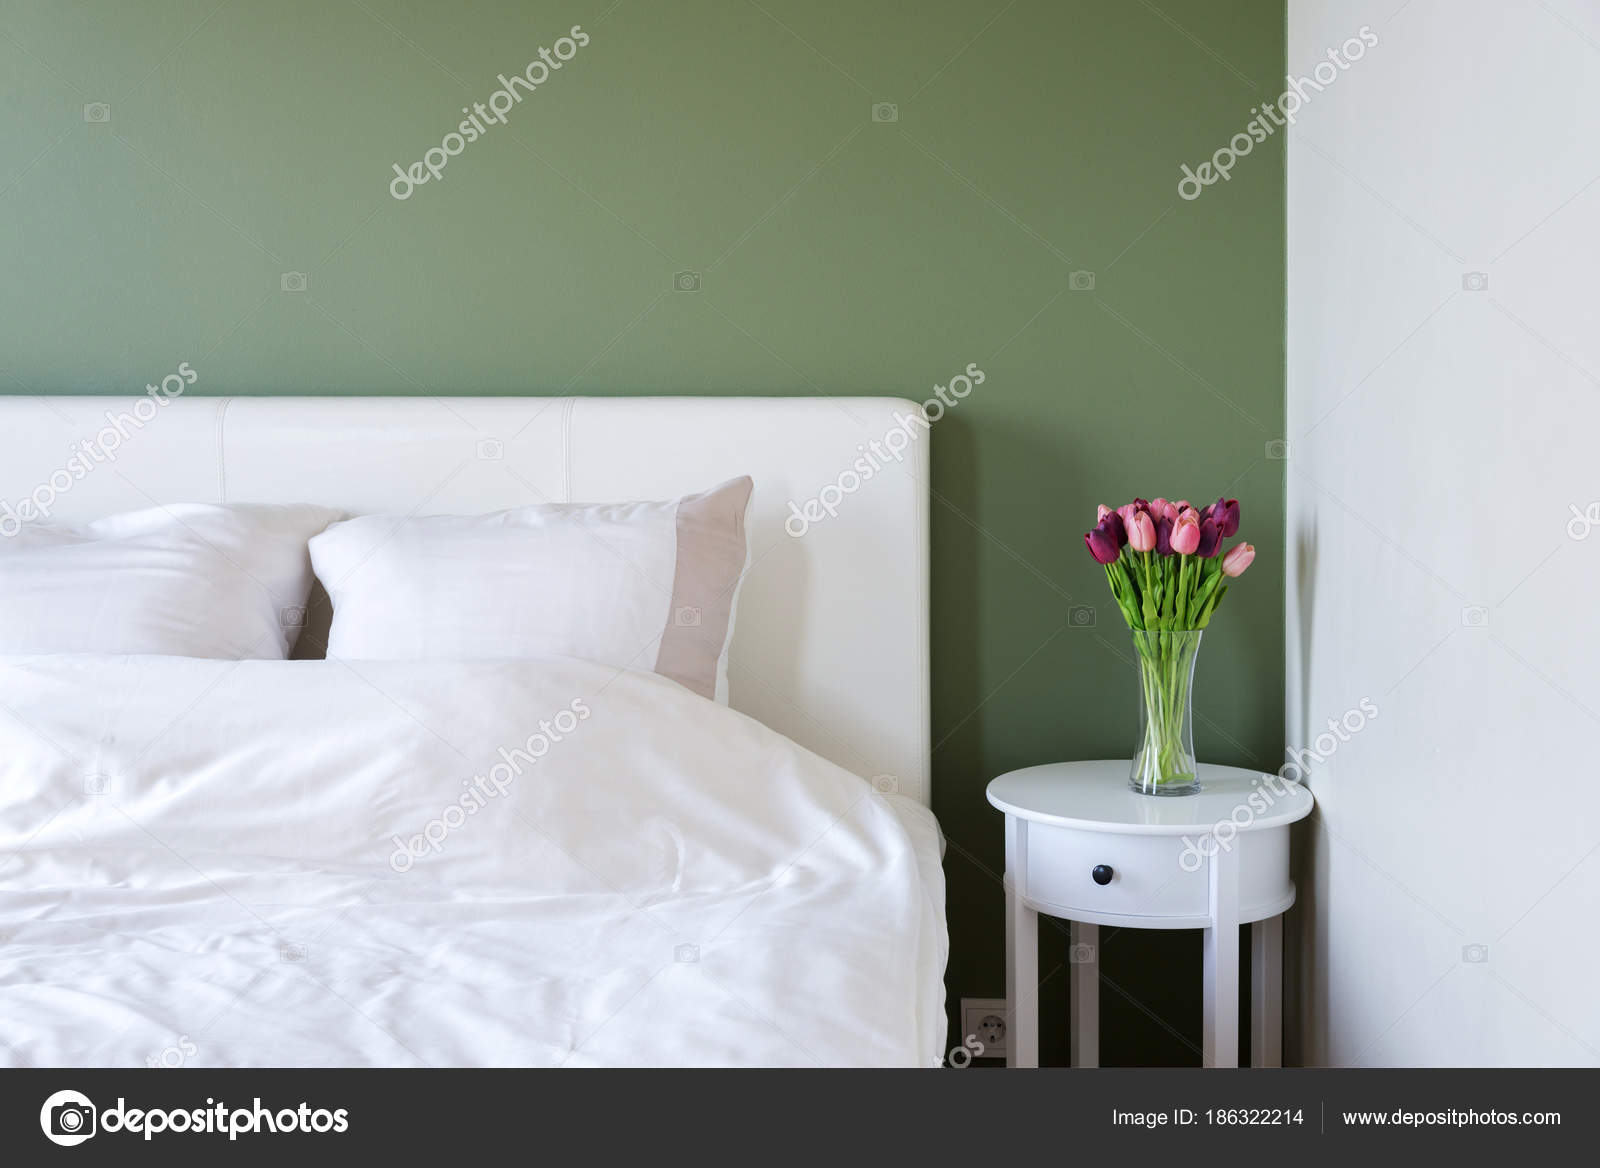 Schlafzimmer Innenraum mit weißen Bett und Nachttisch mit Blumen ...